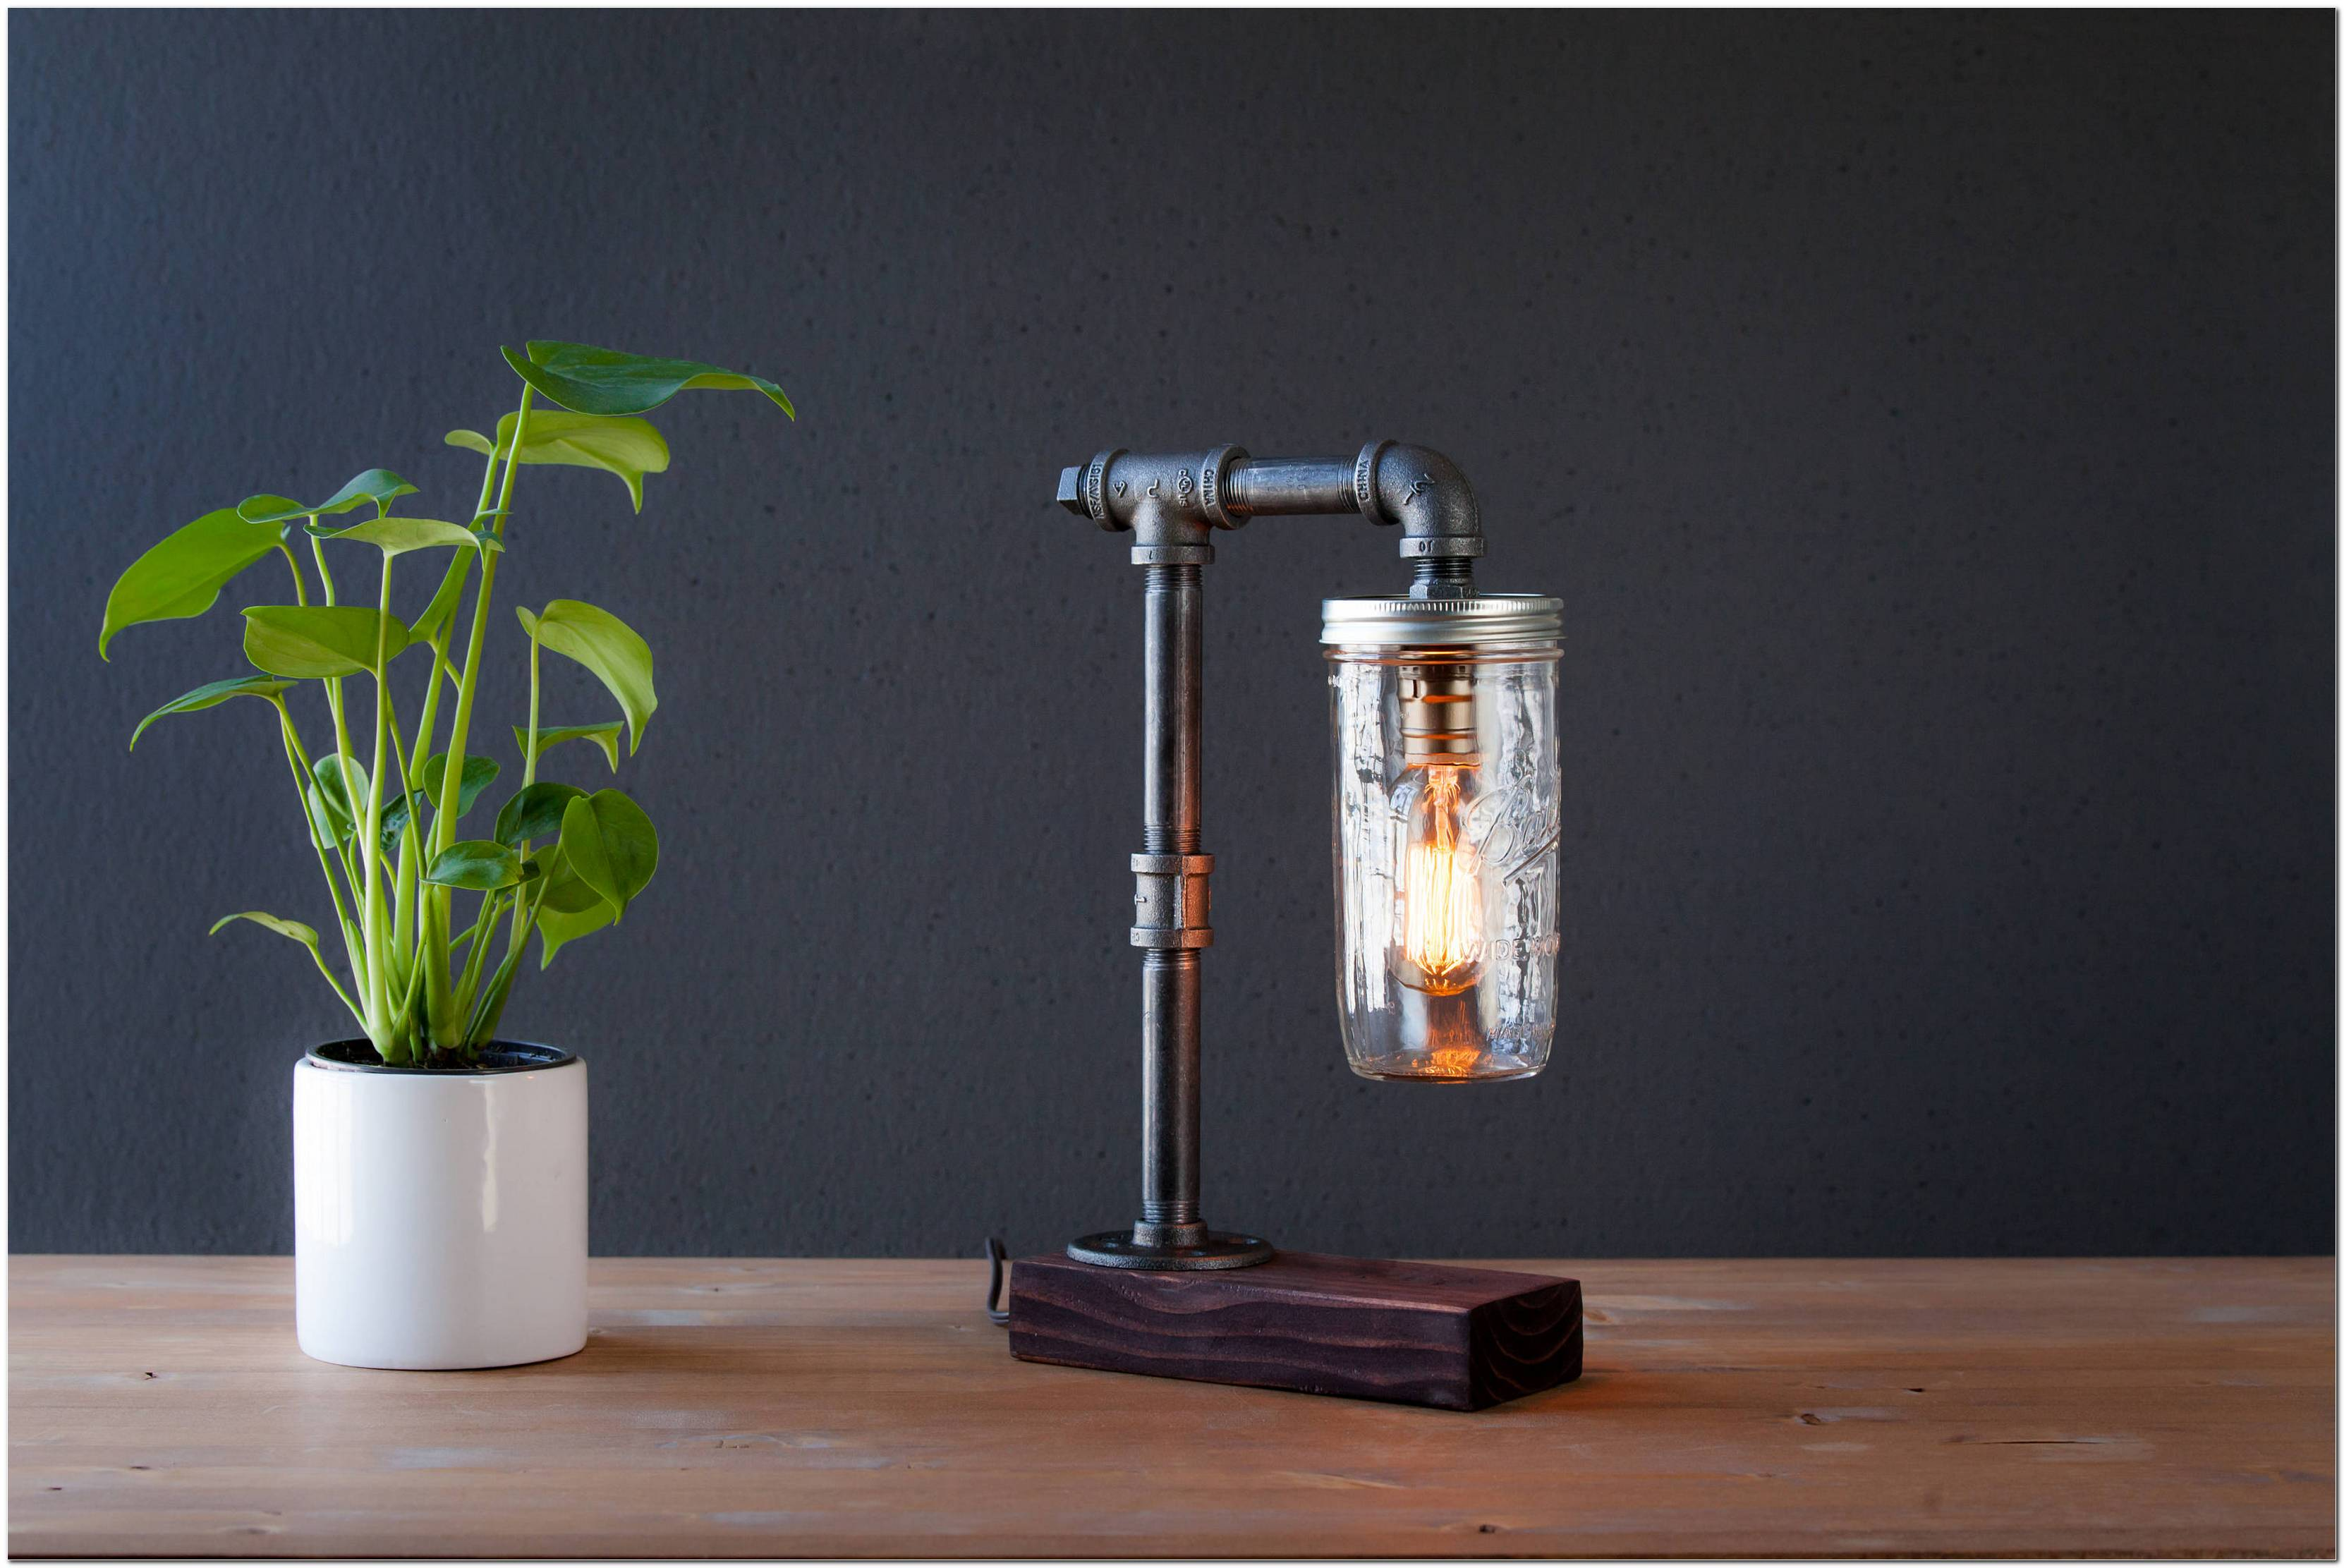 Luminária De Teto Saiba Como Escolher E Veja 60 Ideias Incríveis